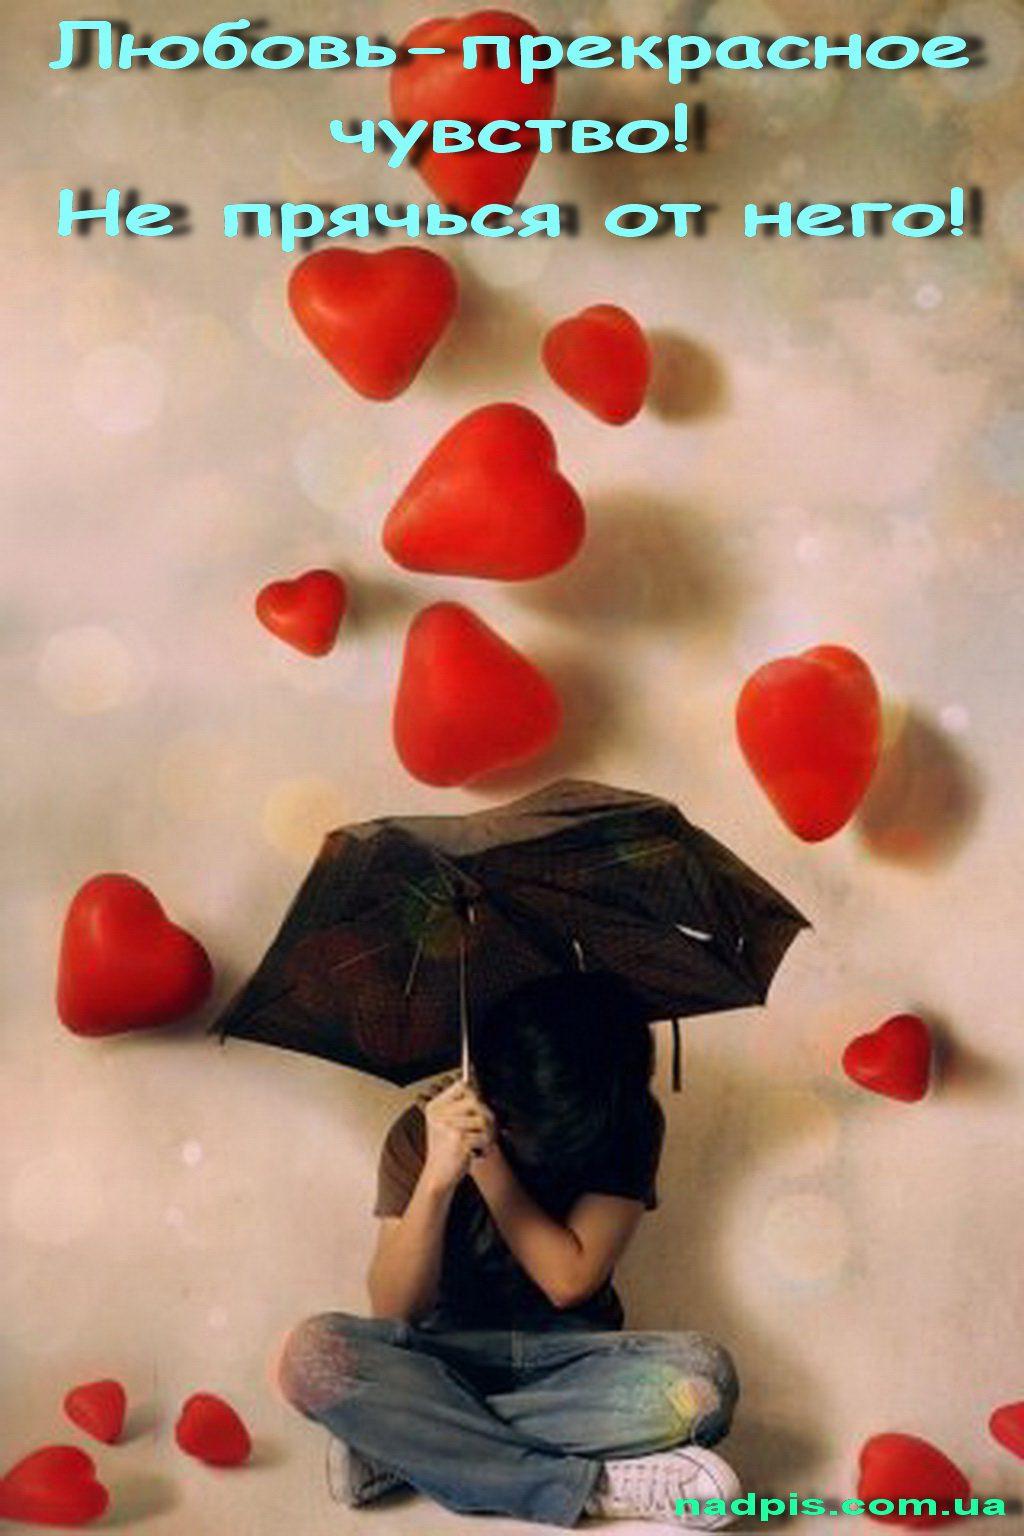 Красивые картинки для любимого парня с надписями про чувство